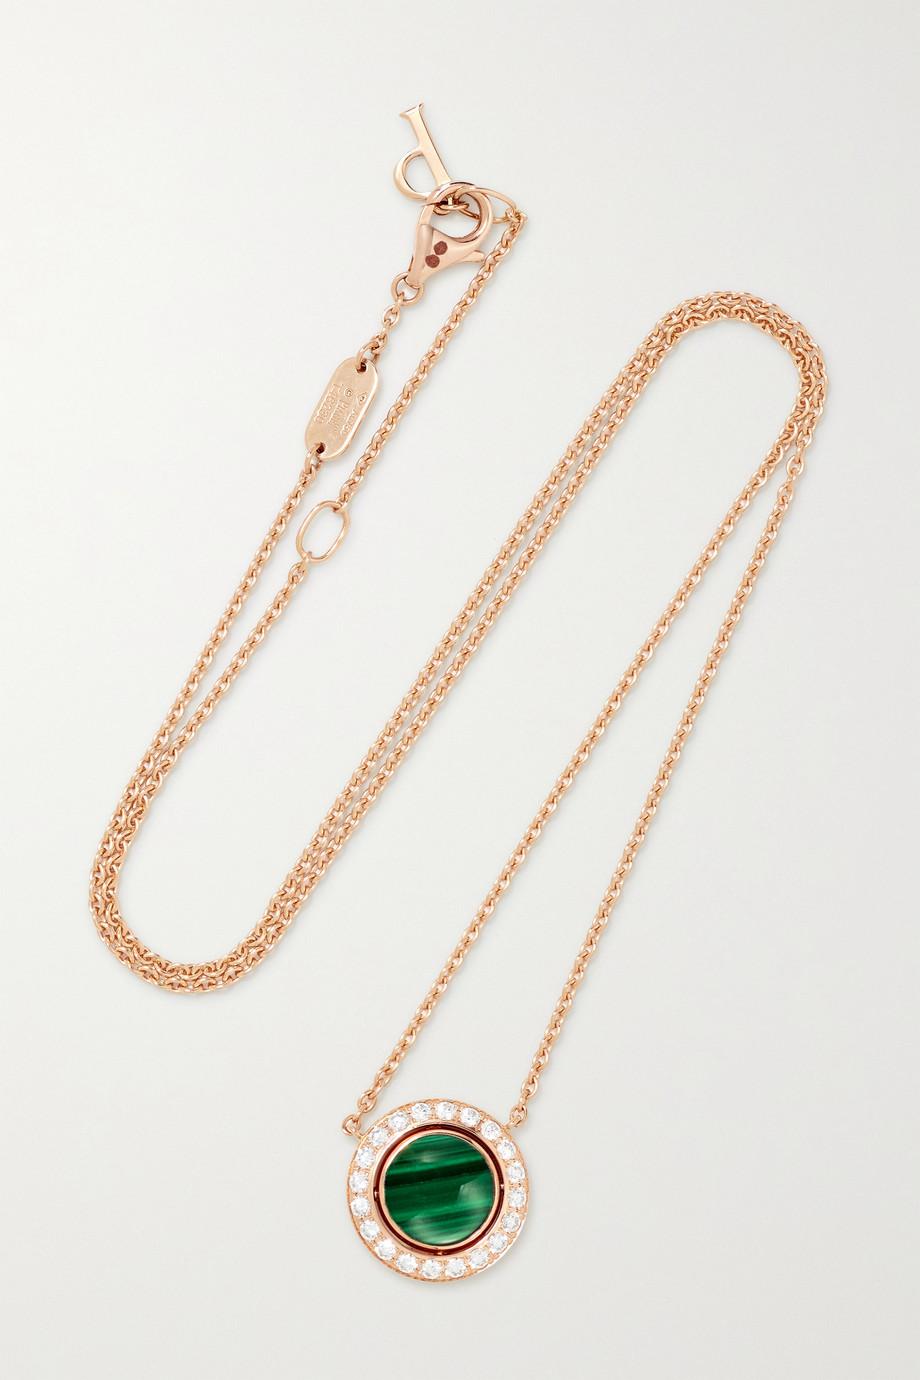 Piaget Possession Kette aus 18 Karat Roségold mit Malachit und Diamanten